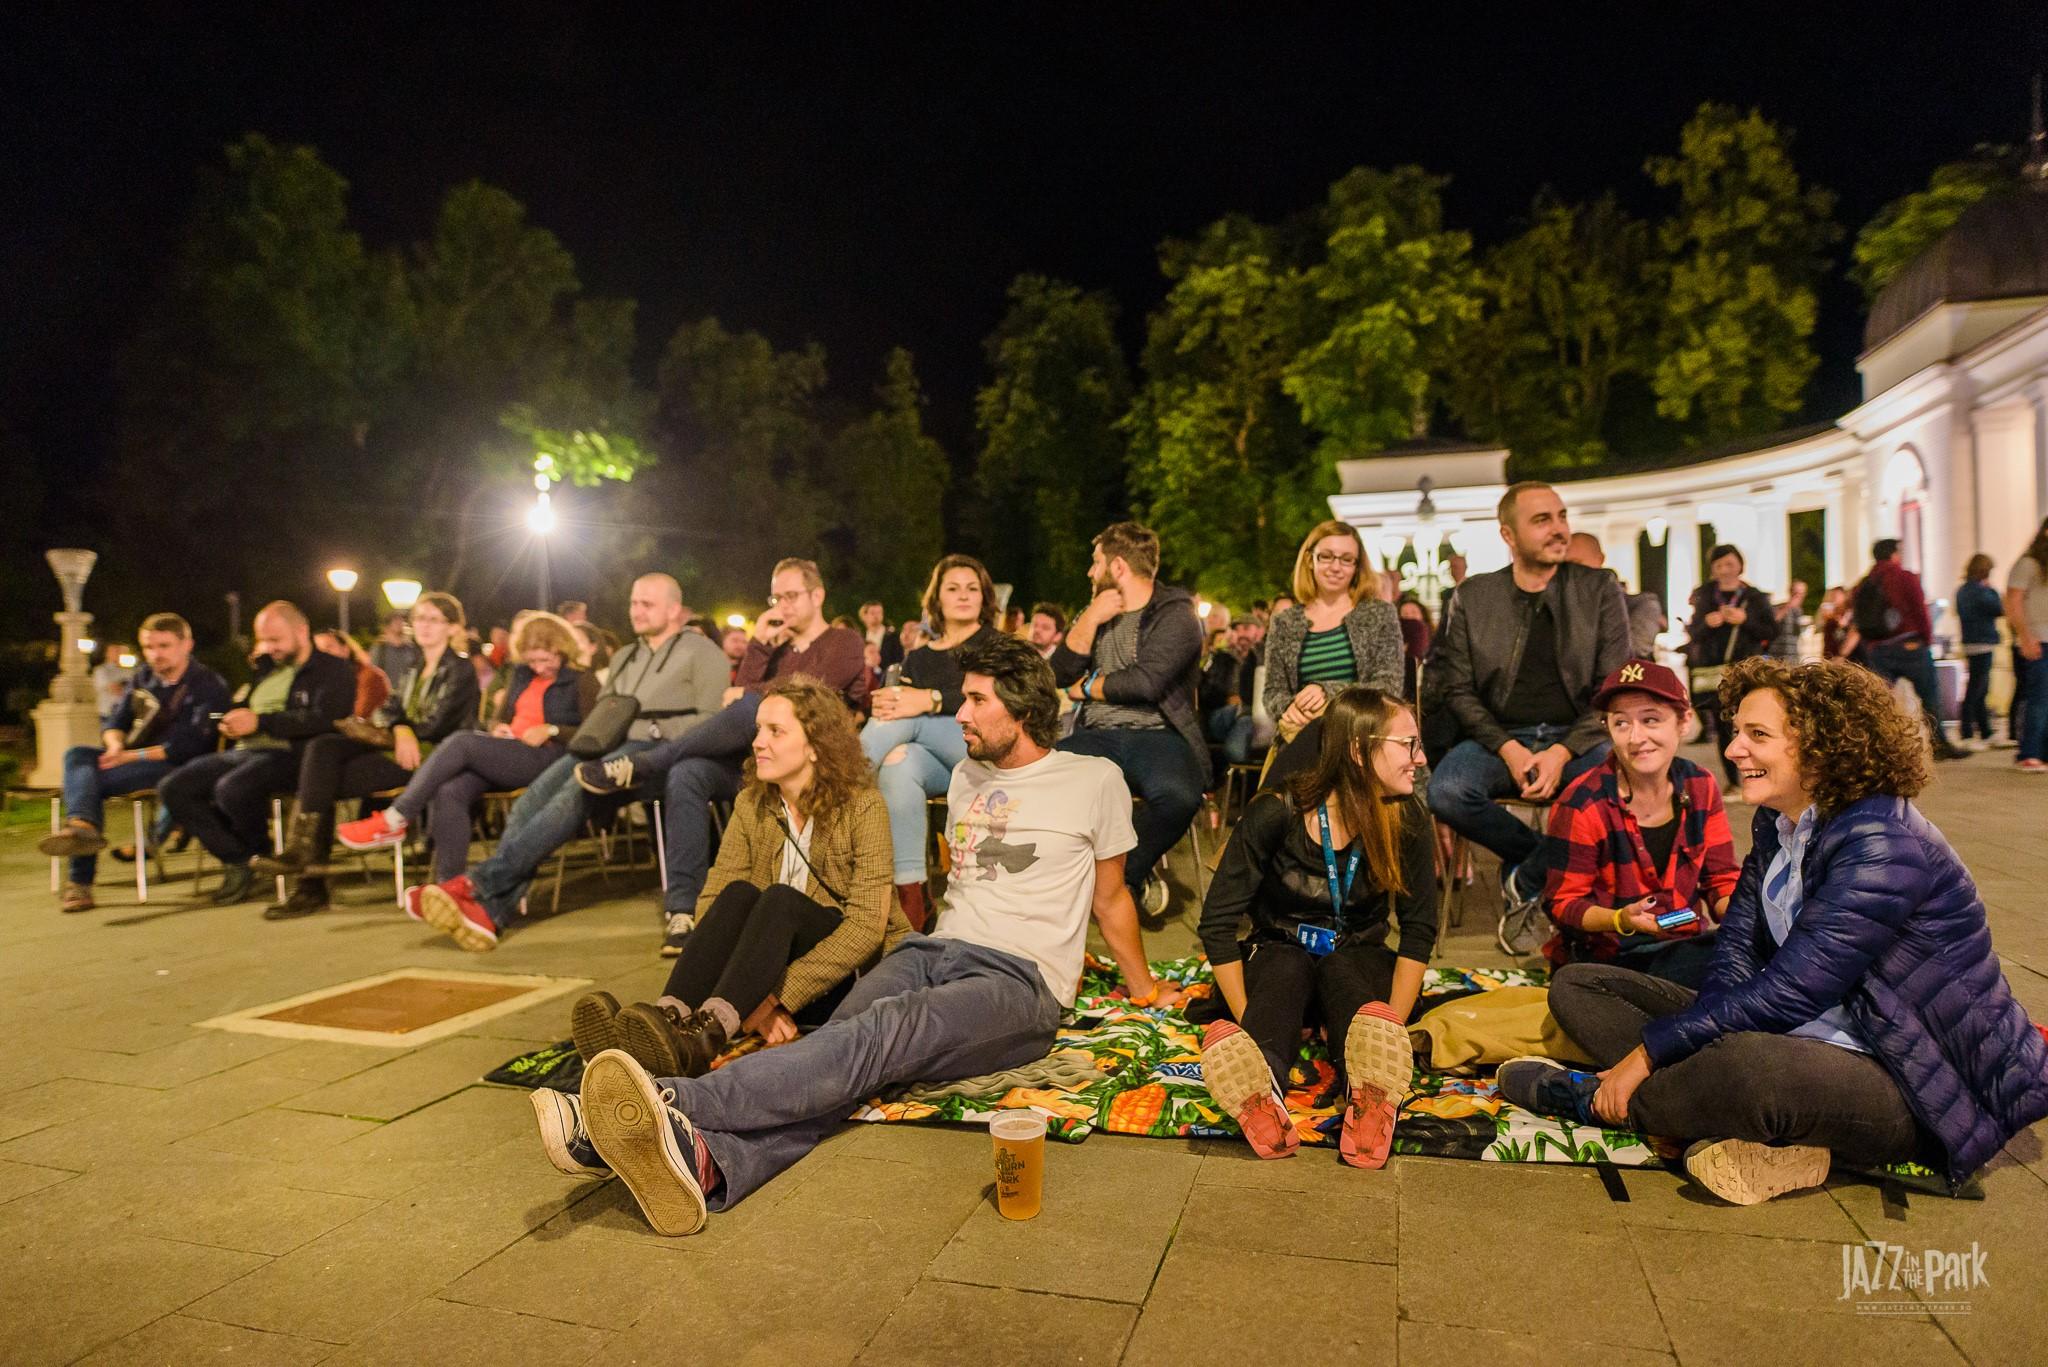 jazz-in-the-park-10.jpg